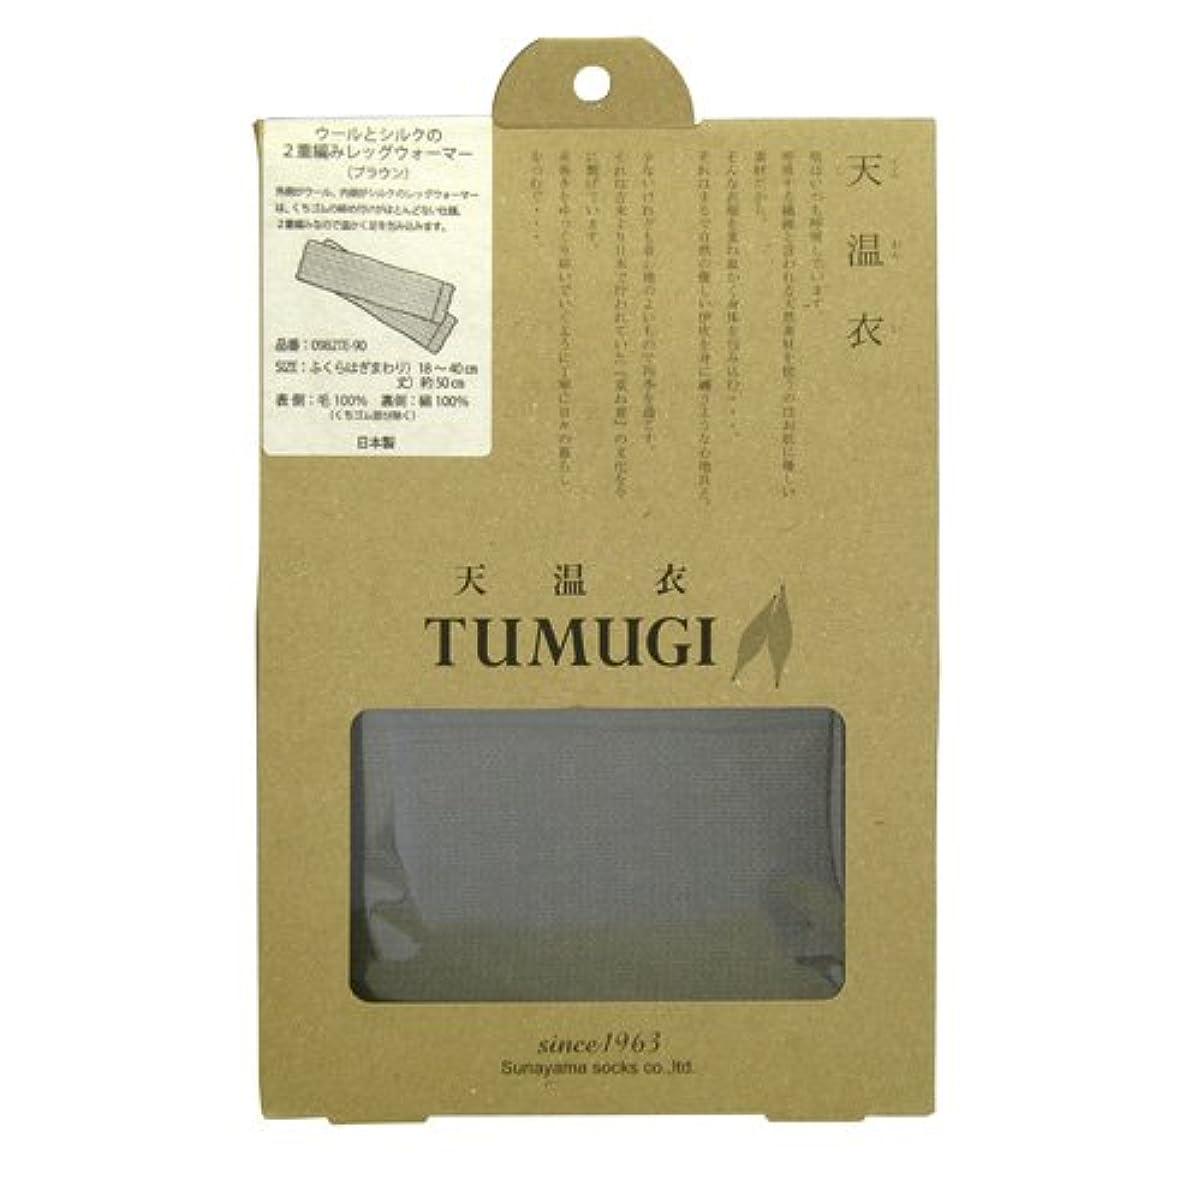 最も早い知性レギュラー砂山靴下 TUMUGI ウールと砂山靴下 シルクの2重編みレッグウォーマー ブラウン